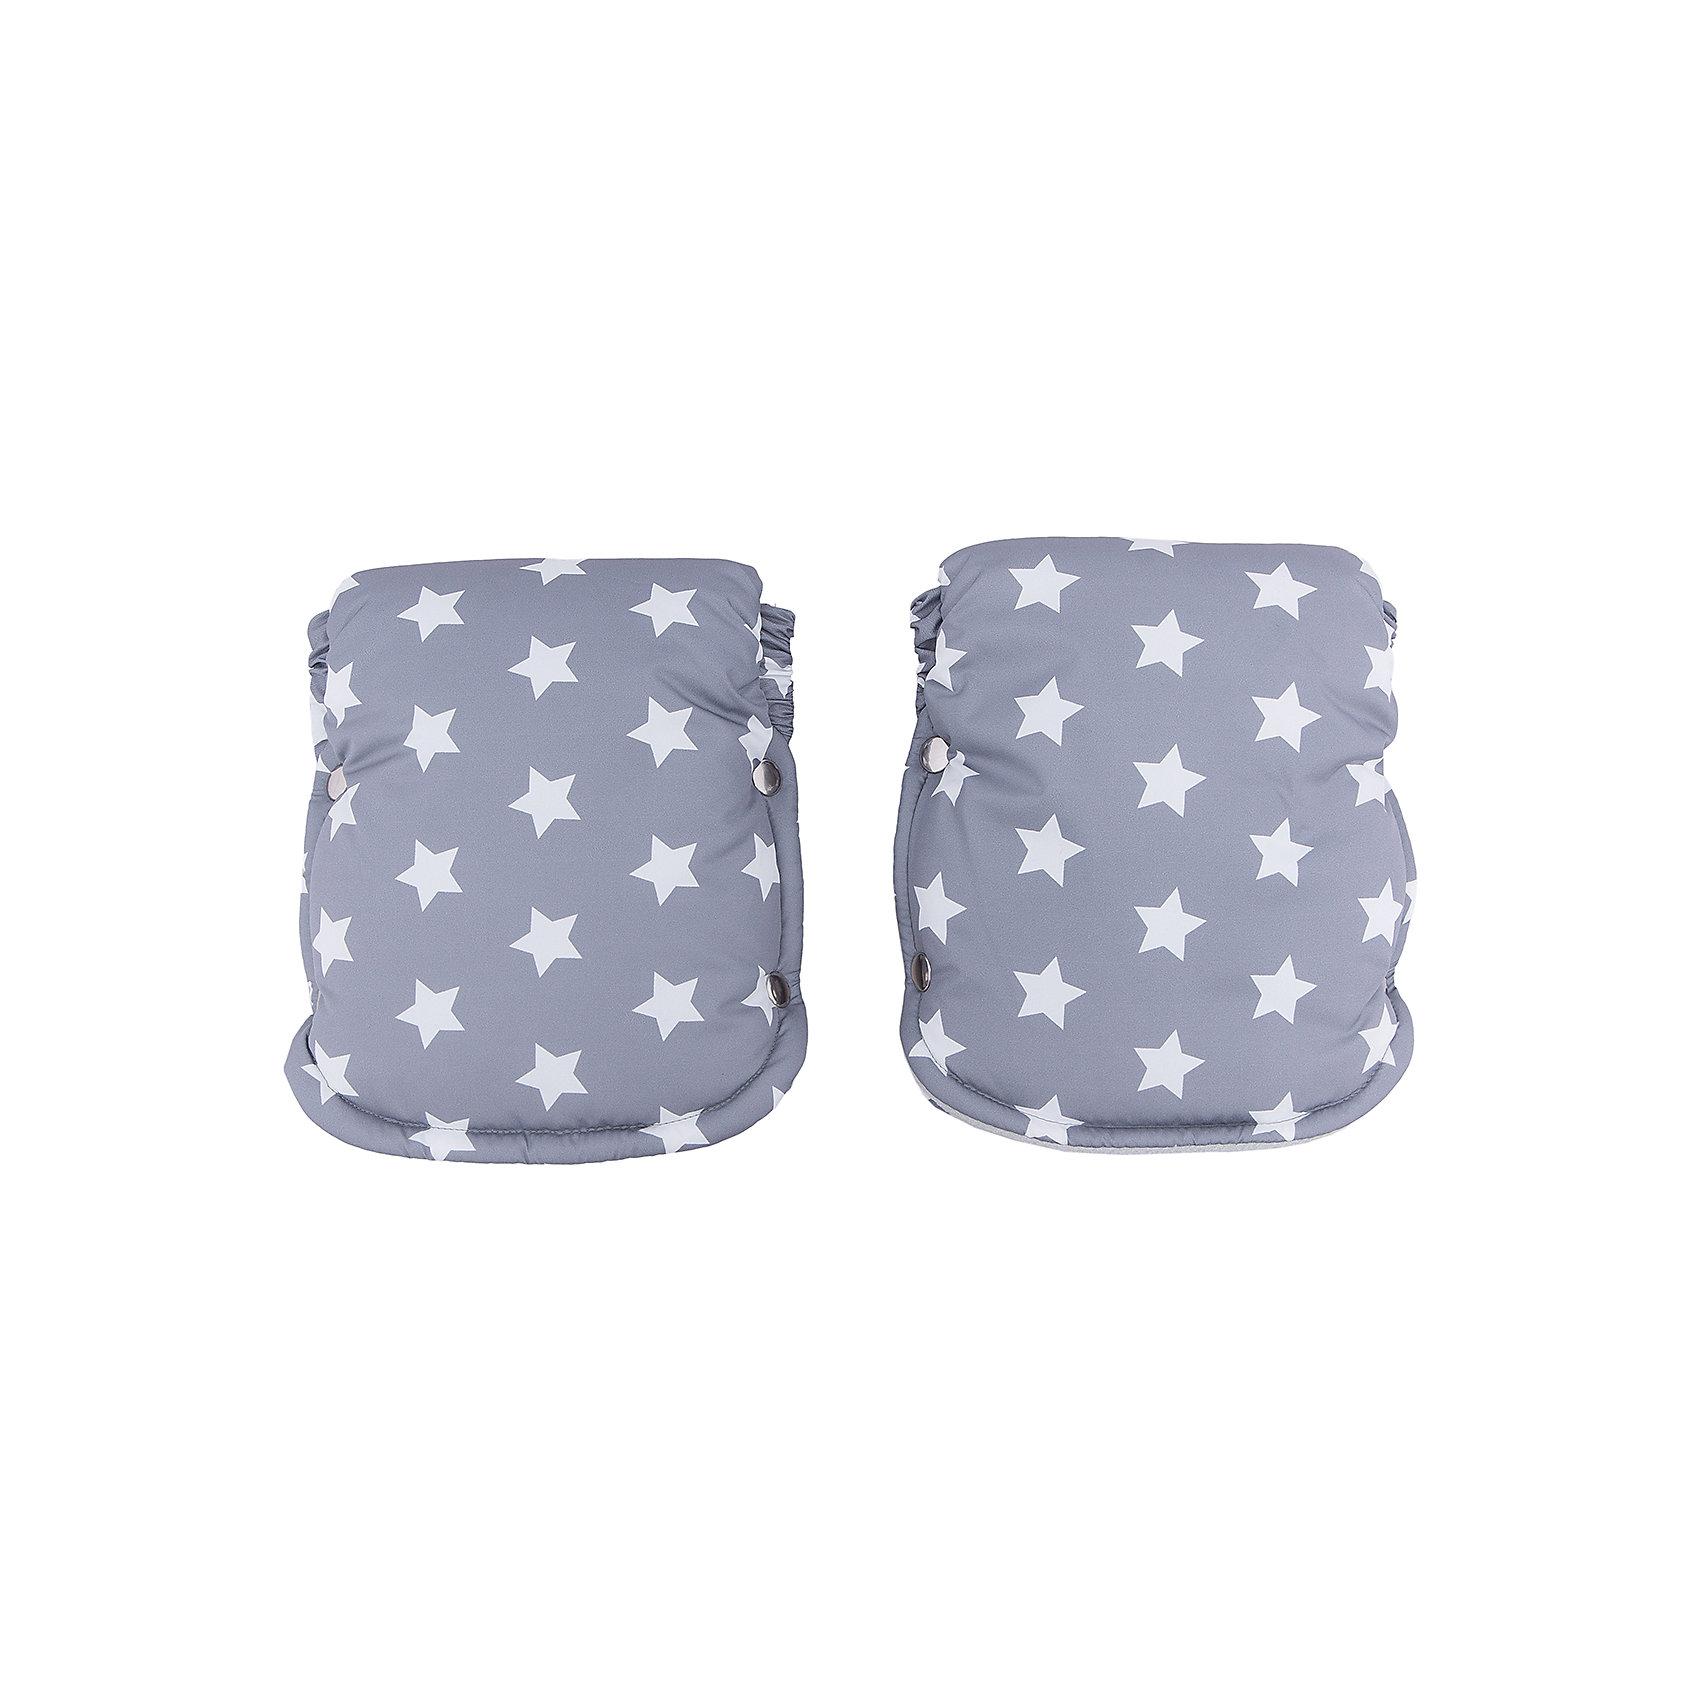 Муфта для рук (рукавички) Осло, byTwinz, цветнойАксессуары для колясок<br>Теплые рукавицы на осенне-зимний период защищают руки мамы, бабушки или няни от ветра, холода и непогоды, согревают их и помогают сохранить здоровье и бархатность кожи рук. Муфра для рук состоит из двух рукавичек, которые застегиваются на кнопки, используется как для колясок с цельной ручкой, так для колясок с отдельными ручками. <br><br>Дополнительная информация:<br><br>Температурный режим: до -15 градусов<br><br>Материал: <br><br>- верх: непромокаемая ткань, <br>- подкладка: флис, <br>- утеплитель: холофайбер.<br><br>Муфту для рук (рукавички) Осло, byTwinz, цветную можно купить в нашем интернет-магазине.<br><br>Ширина мм: 250<br>Глубина мм: 230<br>Высота мм: 130<br>Вес г: 180<br>Возраст от месяцев: 0<br>Возраст до месяцев: 36<br>Пол: Унисекс<br>Возраст: Детский<br>SKU: 5045082